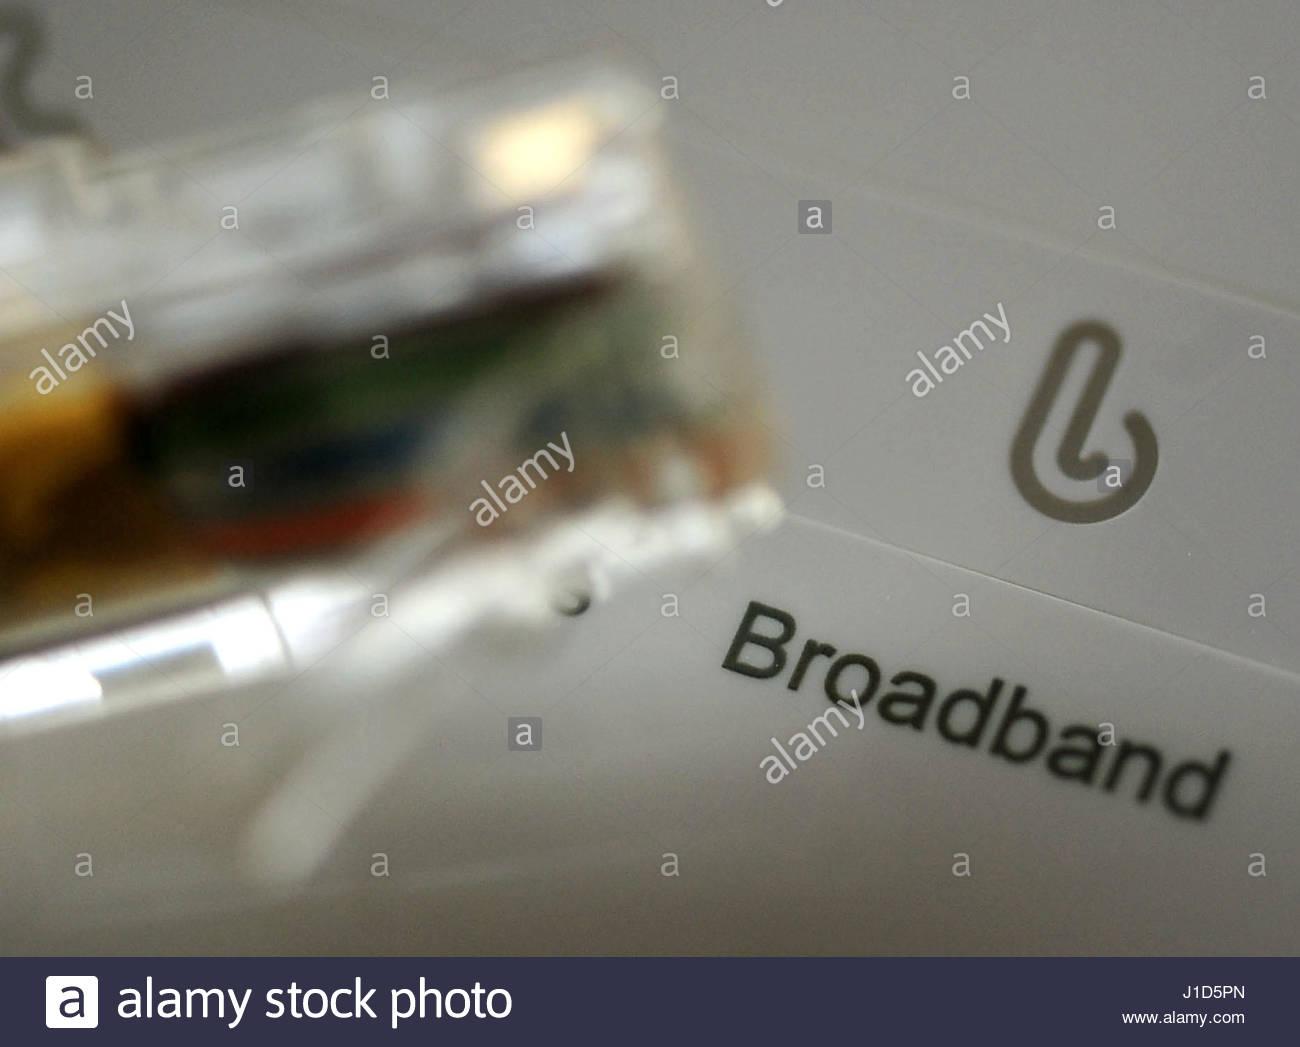 talk talk broadband